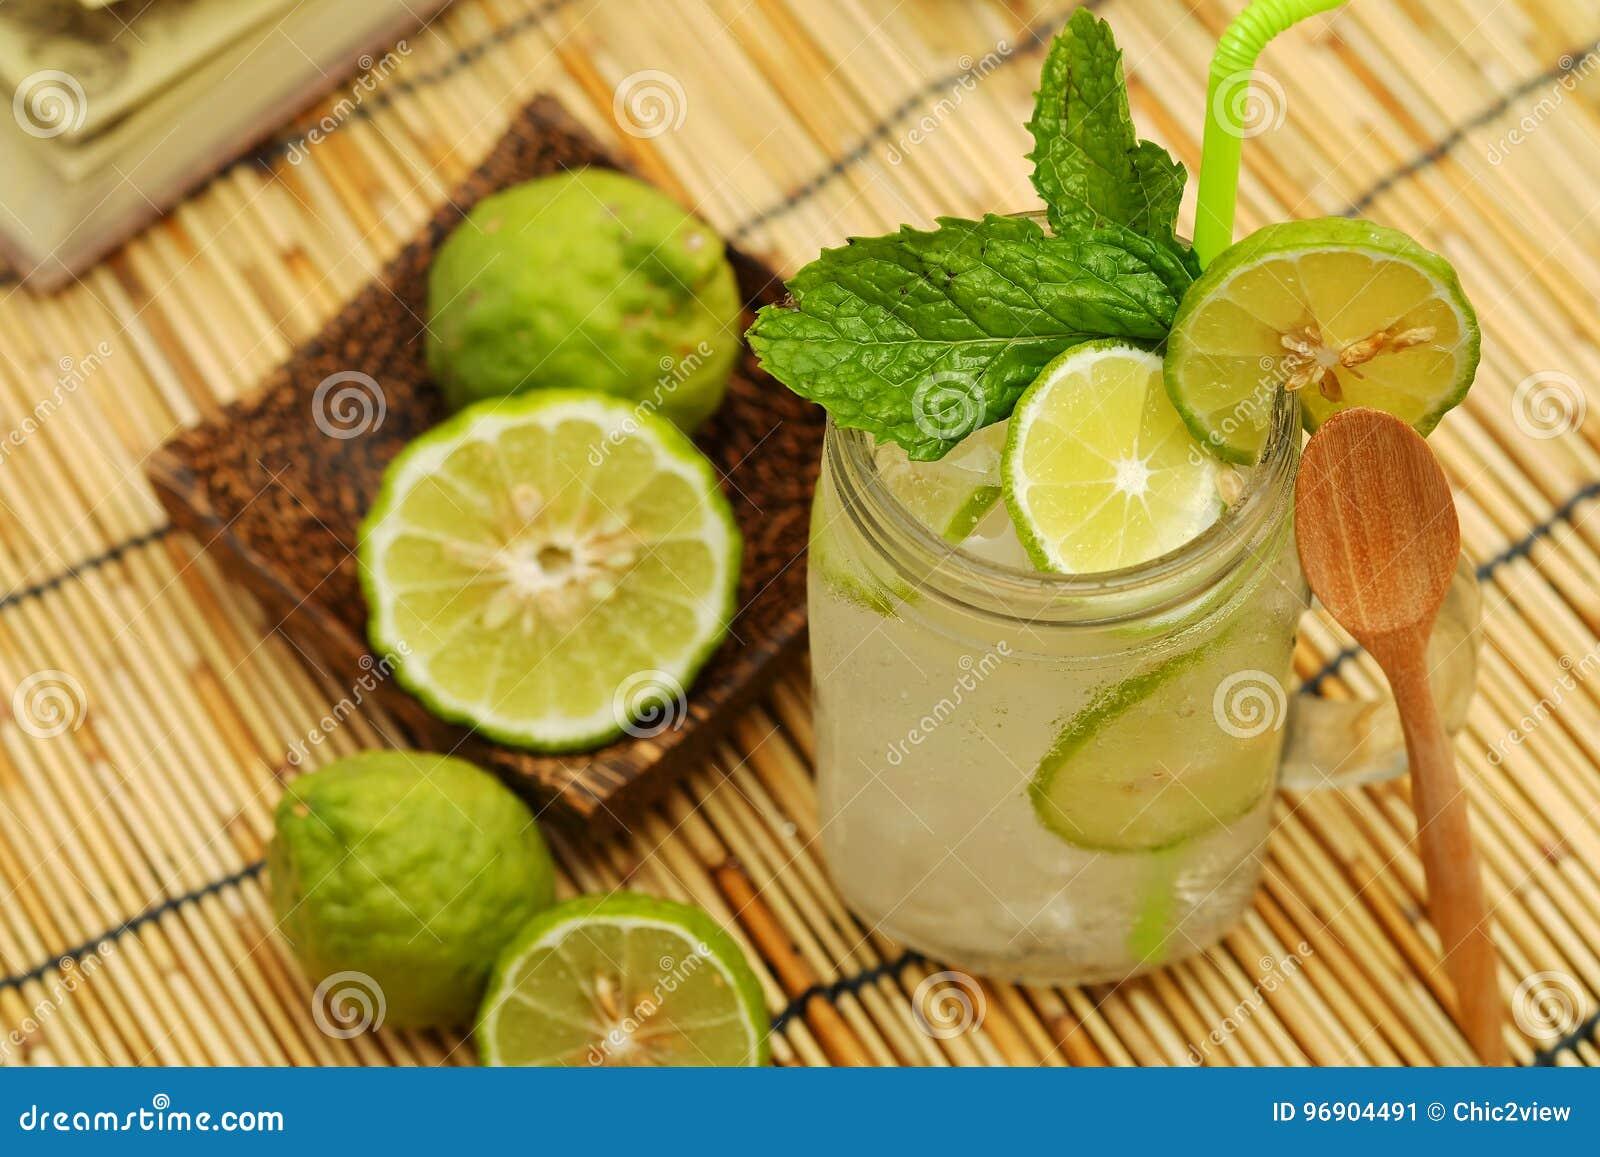 Cal do Kaffir assim, bebida fresca da soda da bergamota, erva da tradição de Tailândia para o tratamento da maré baixa ácida, com